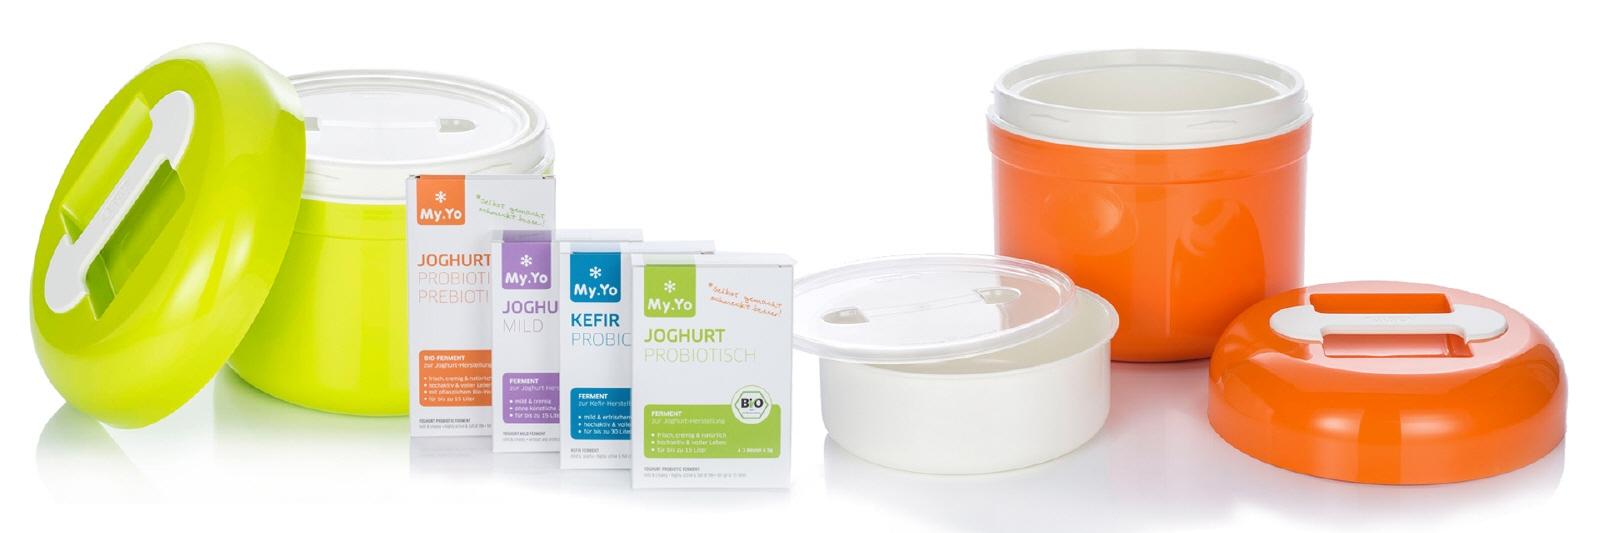 My Yo joghurt fermente co